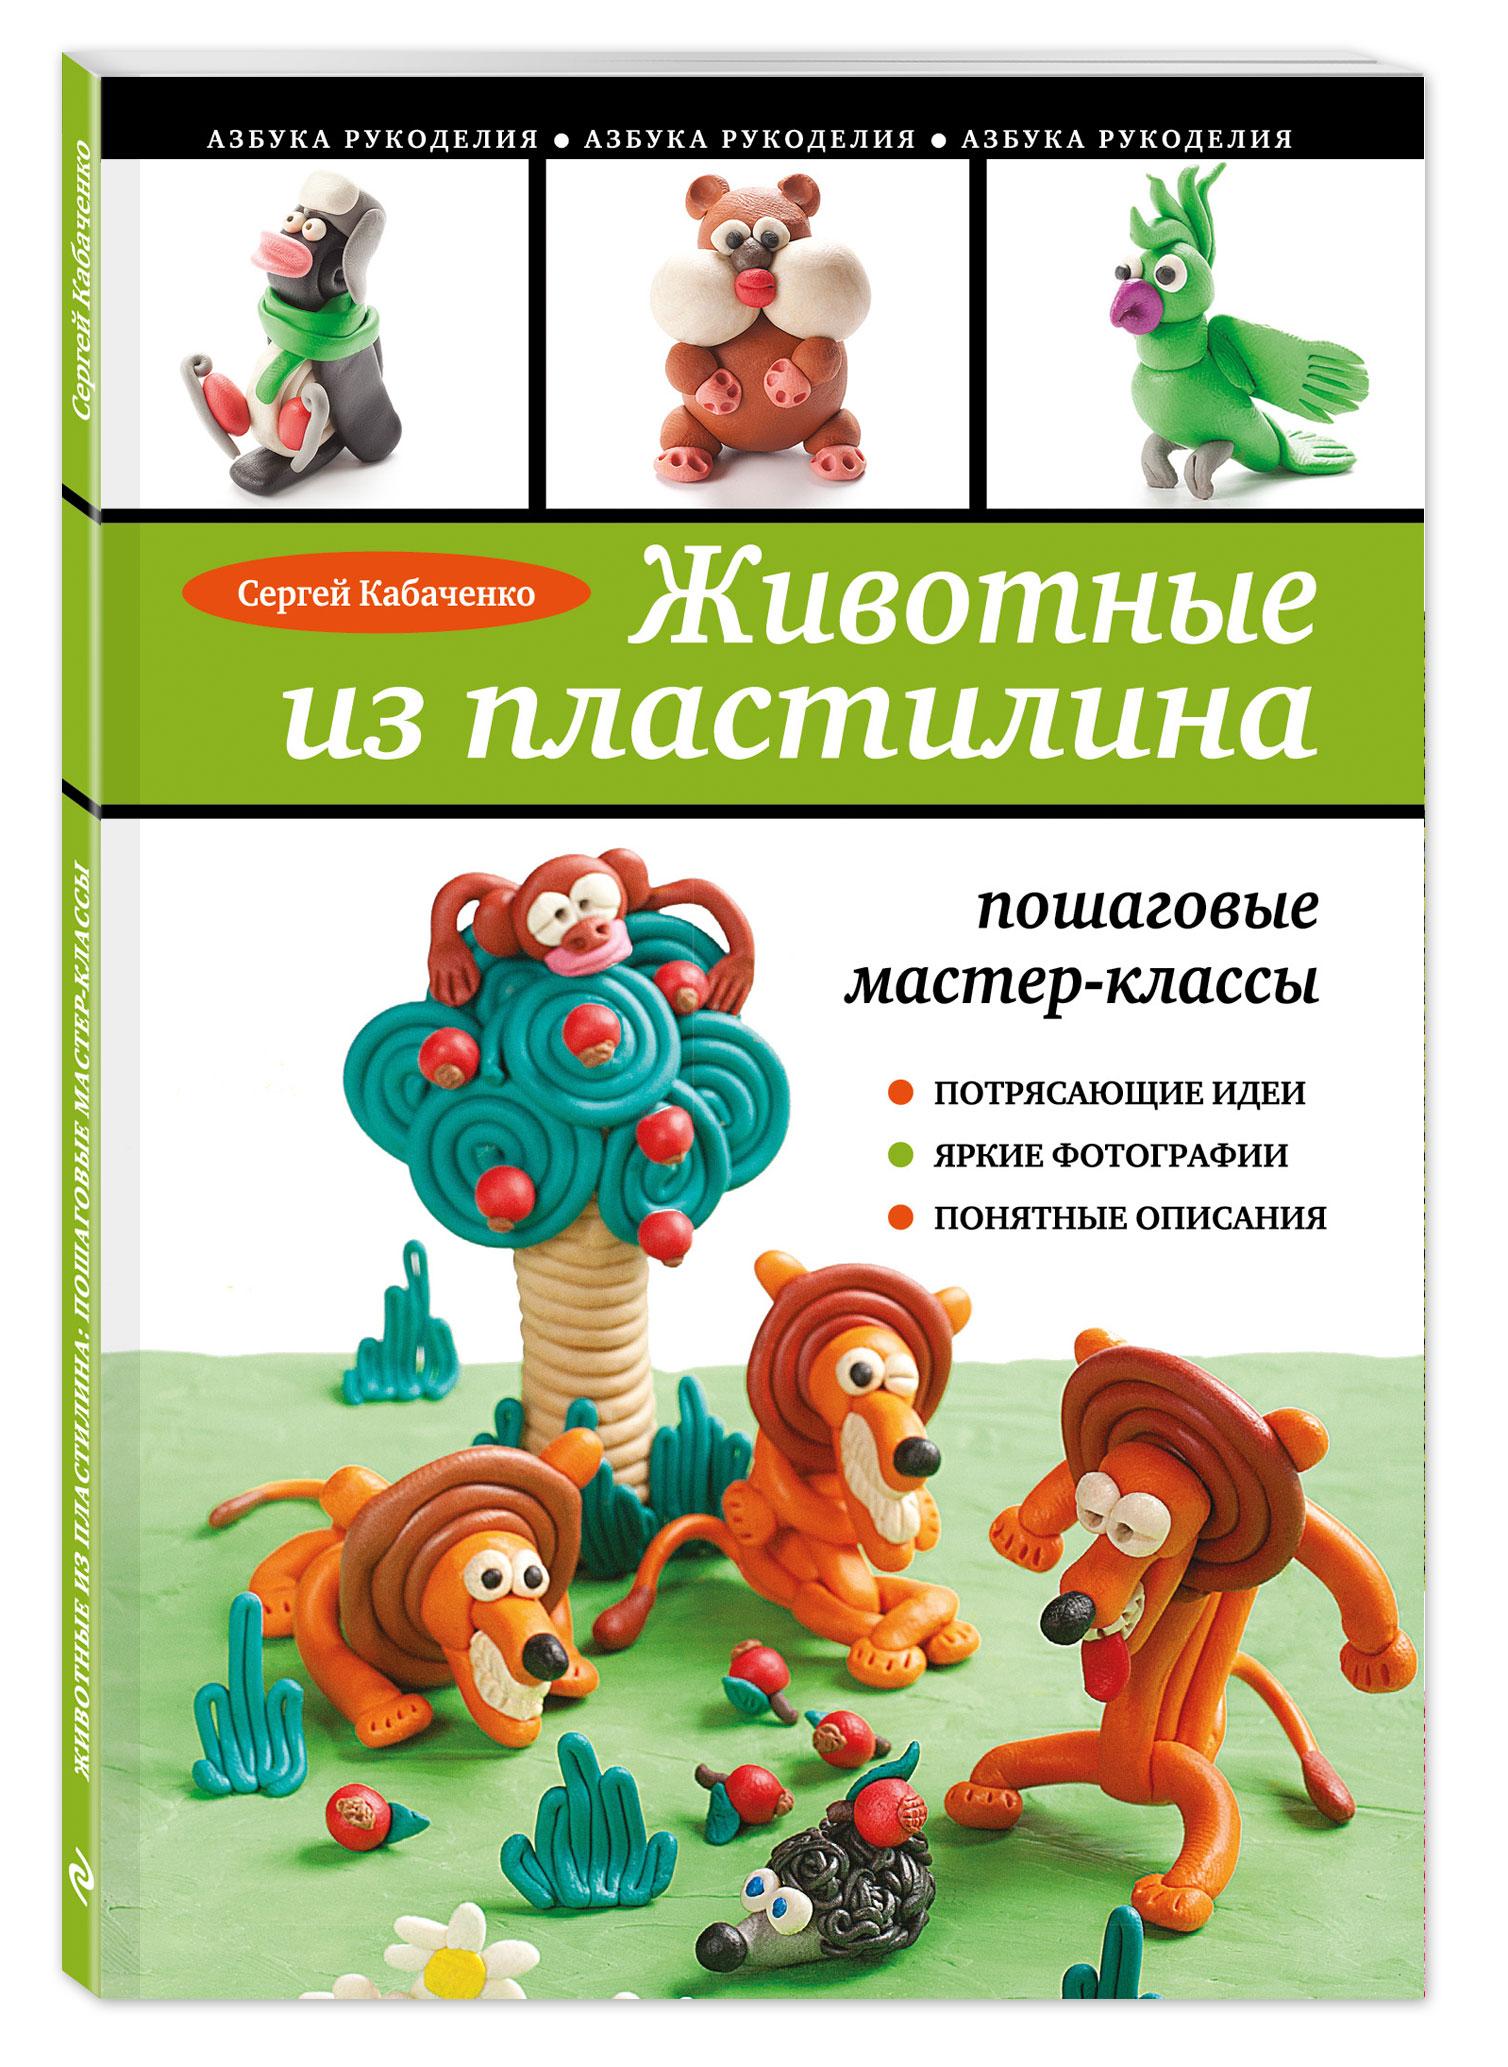 Кабаченко С. Животные из пластилина: пошаговые мастер-классы